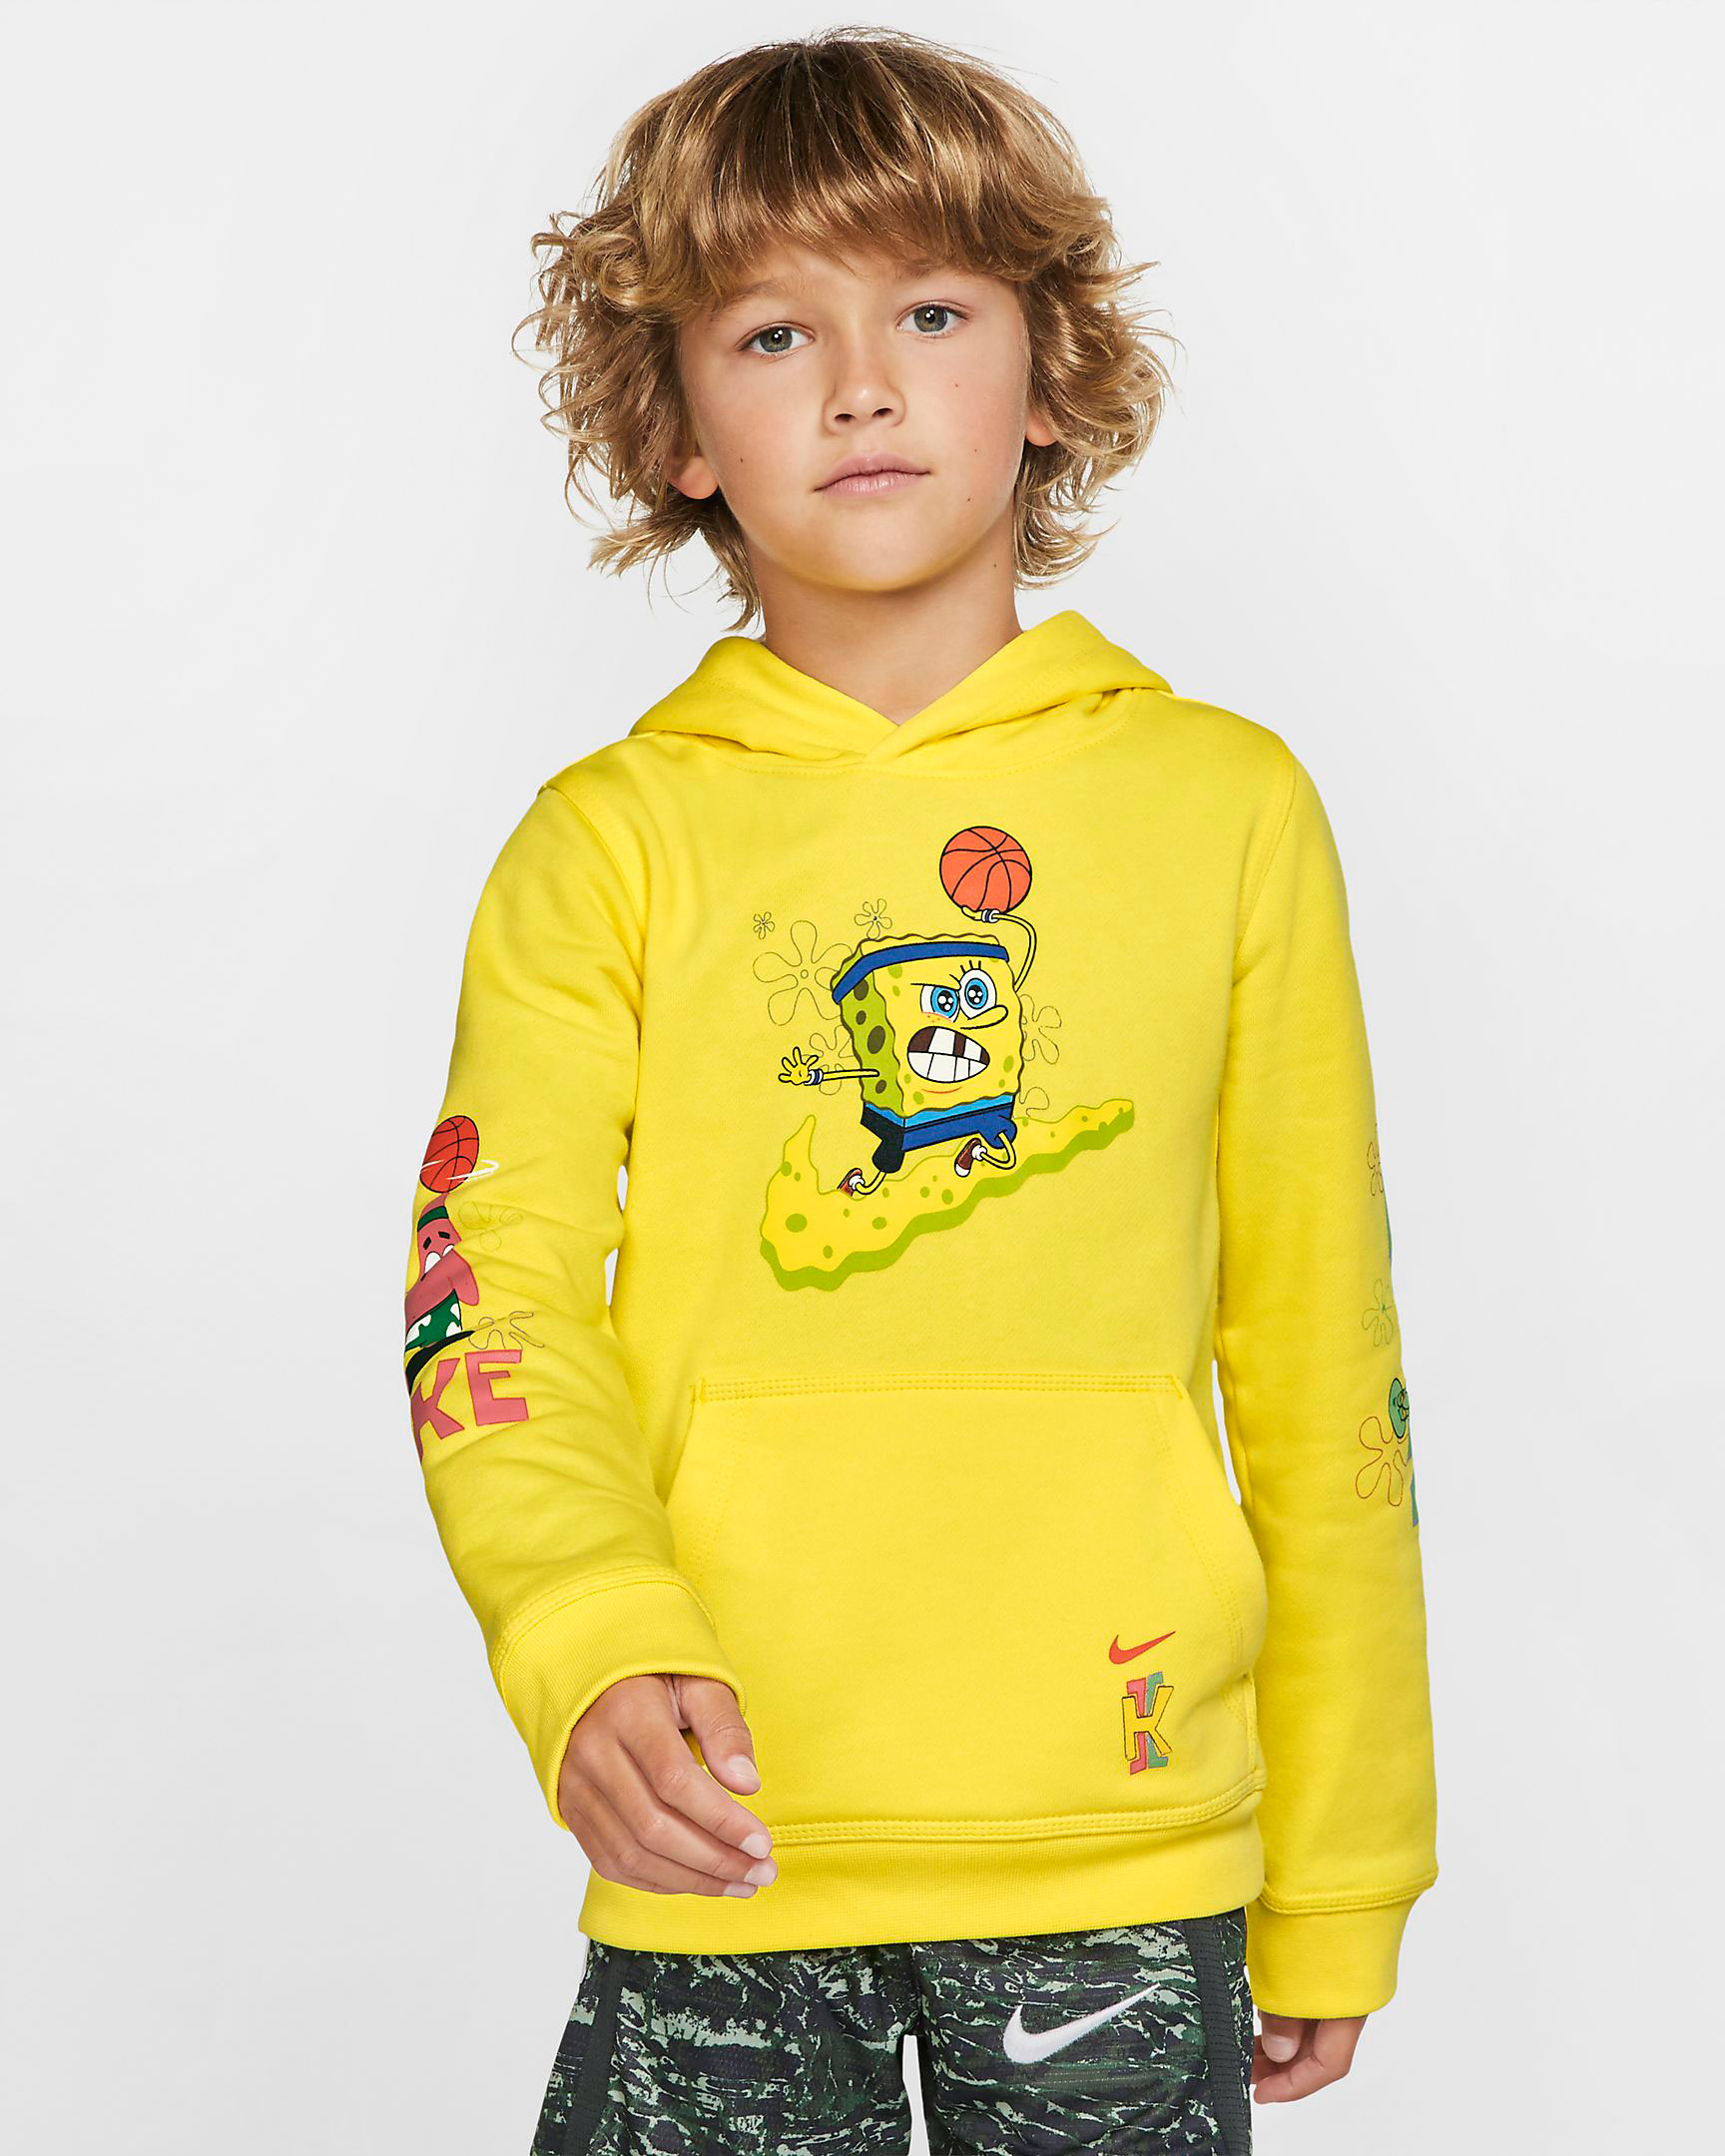 nike-kyrie-spongebob-kids-hoodie-yellow-2